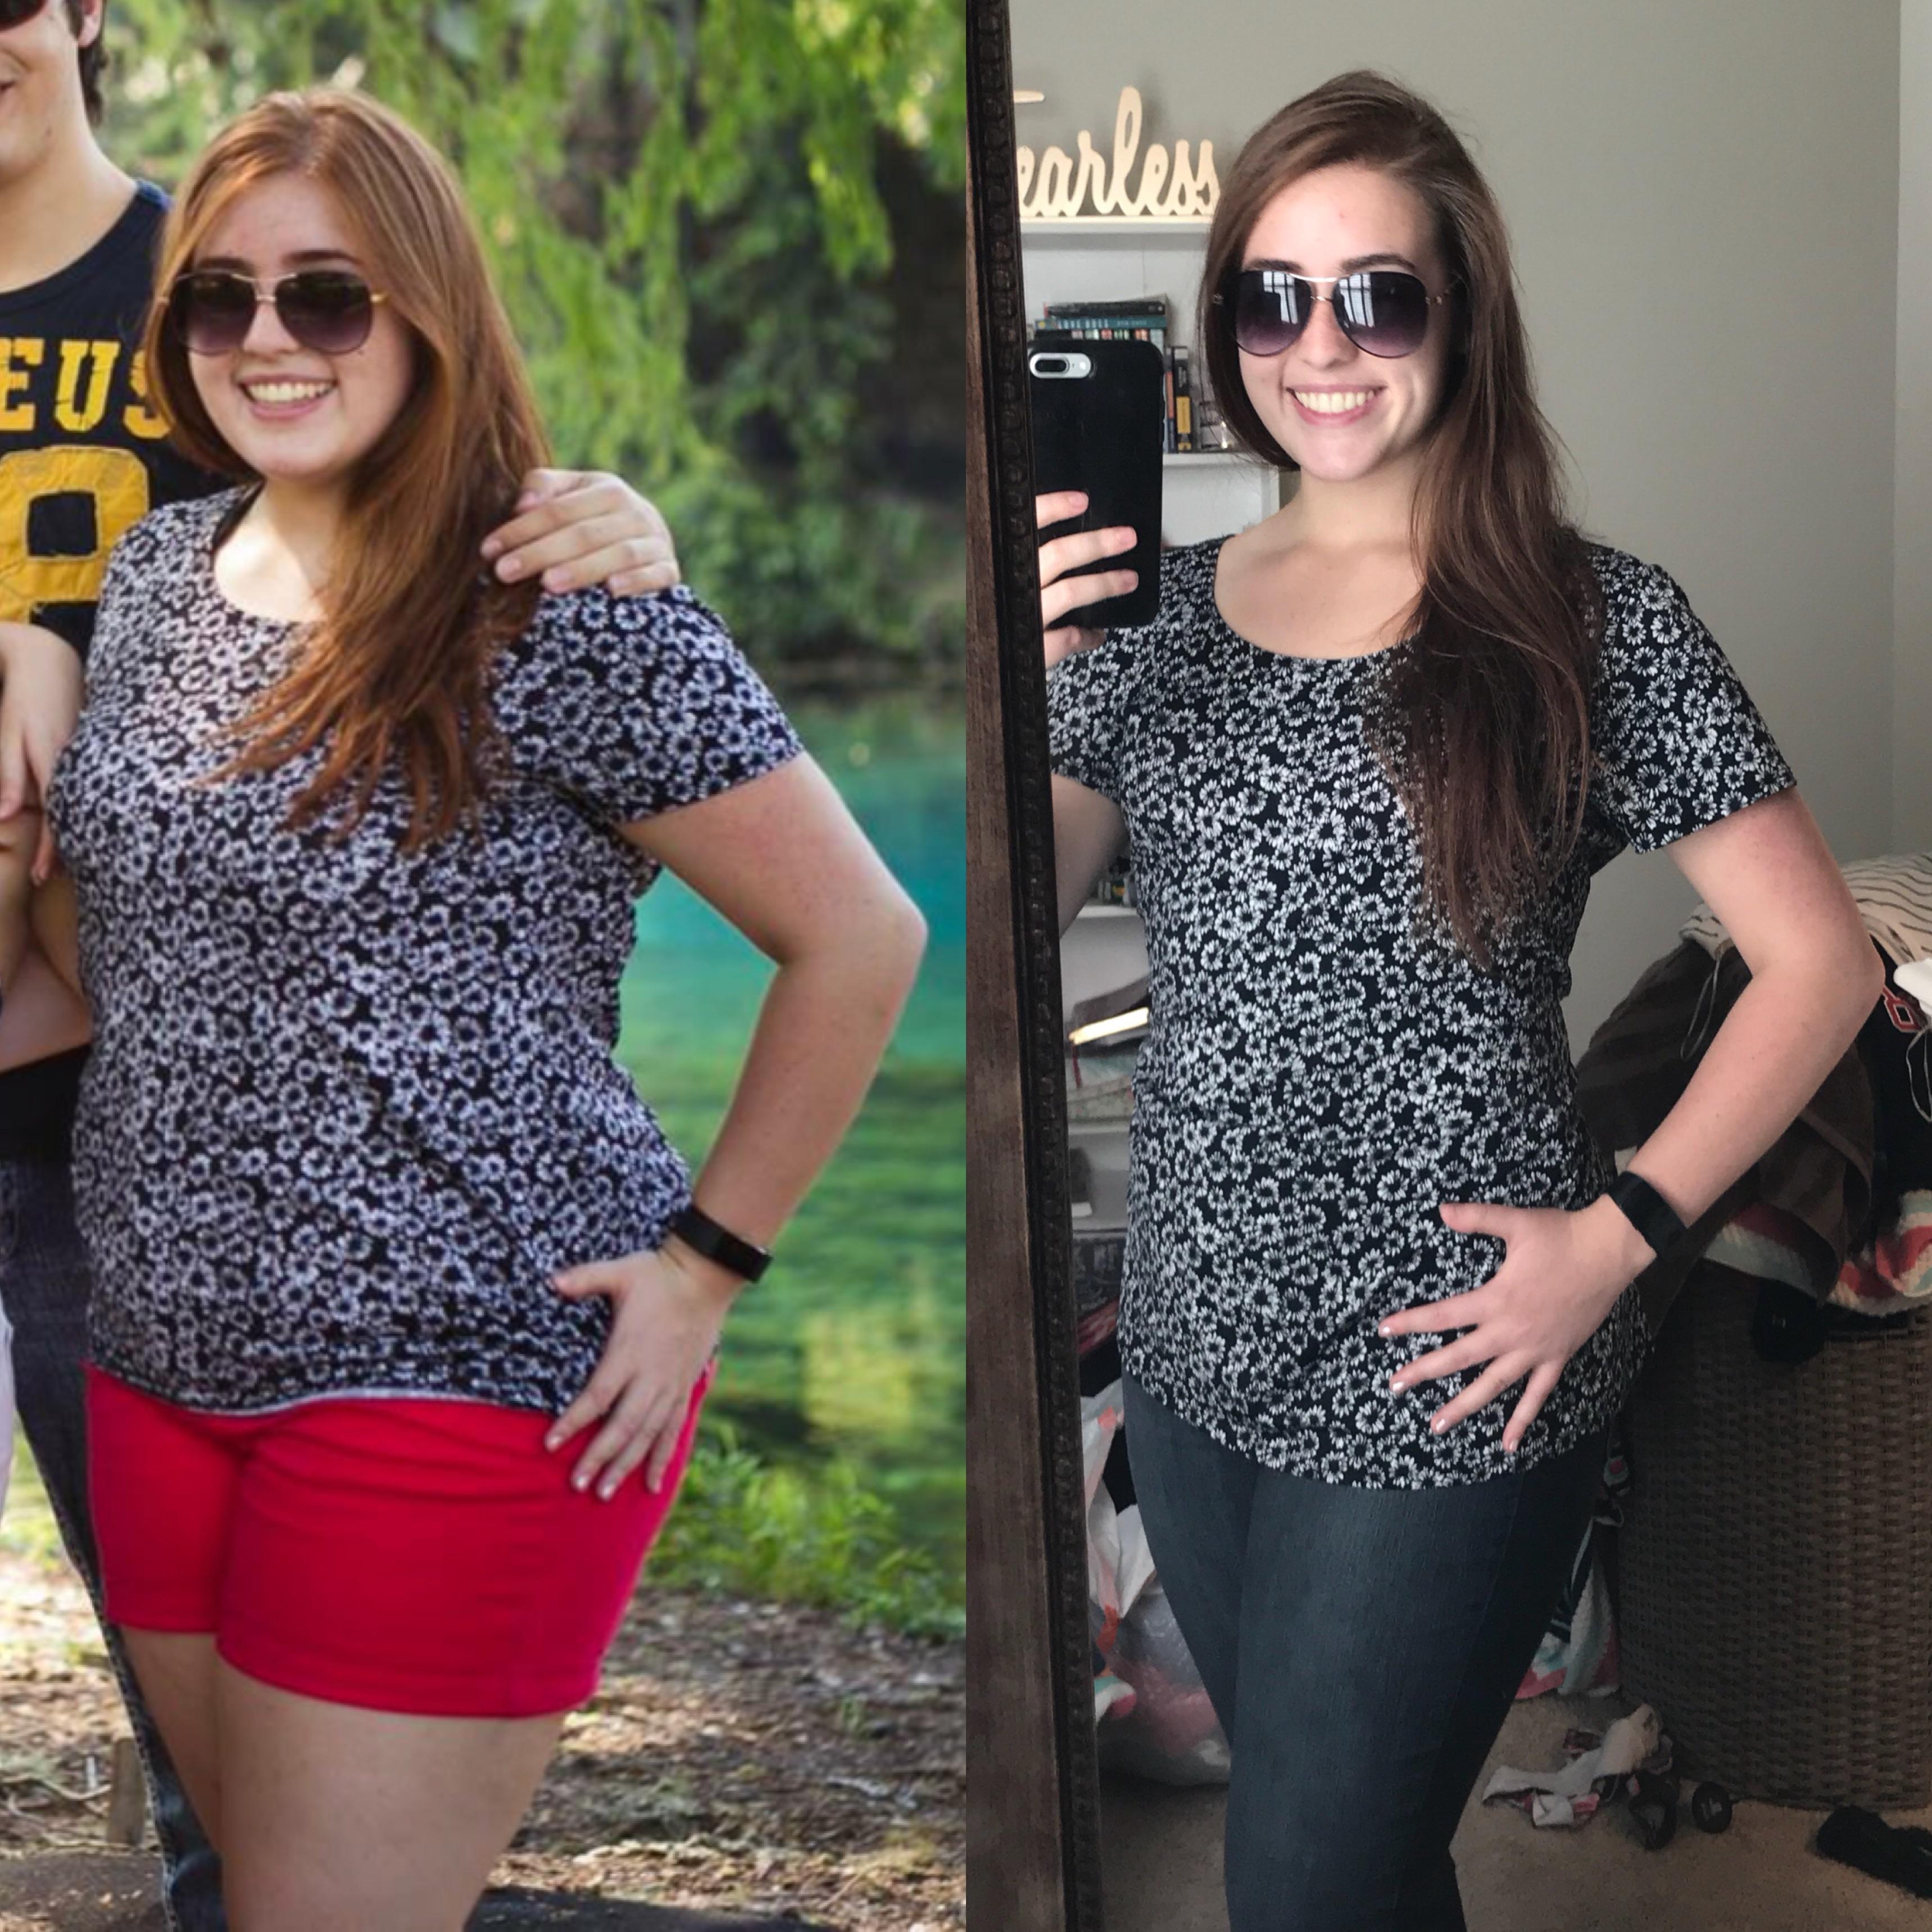 5'5 Female Progress Pics of 50 lbs Fat Loss 215 lbs to 165 lbs